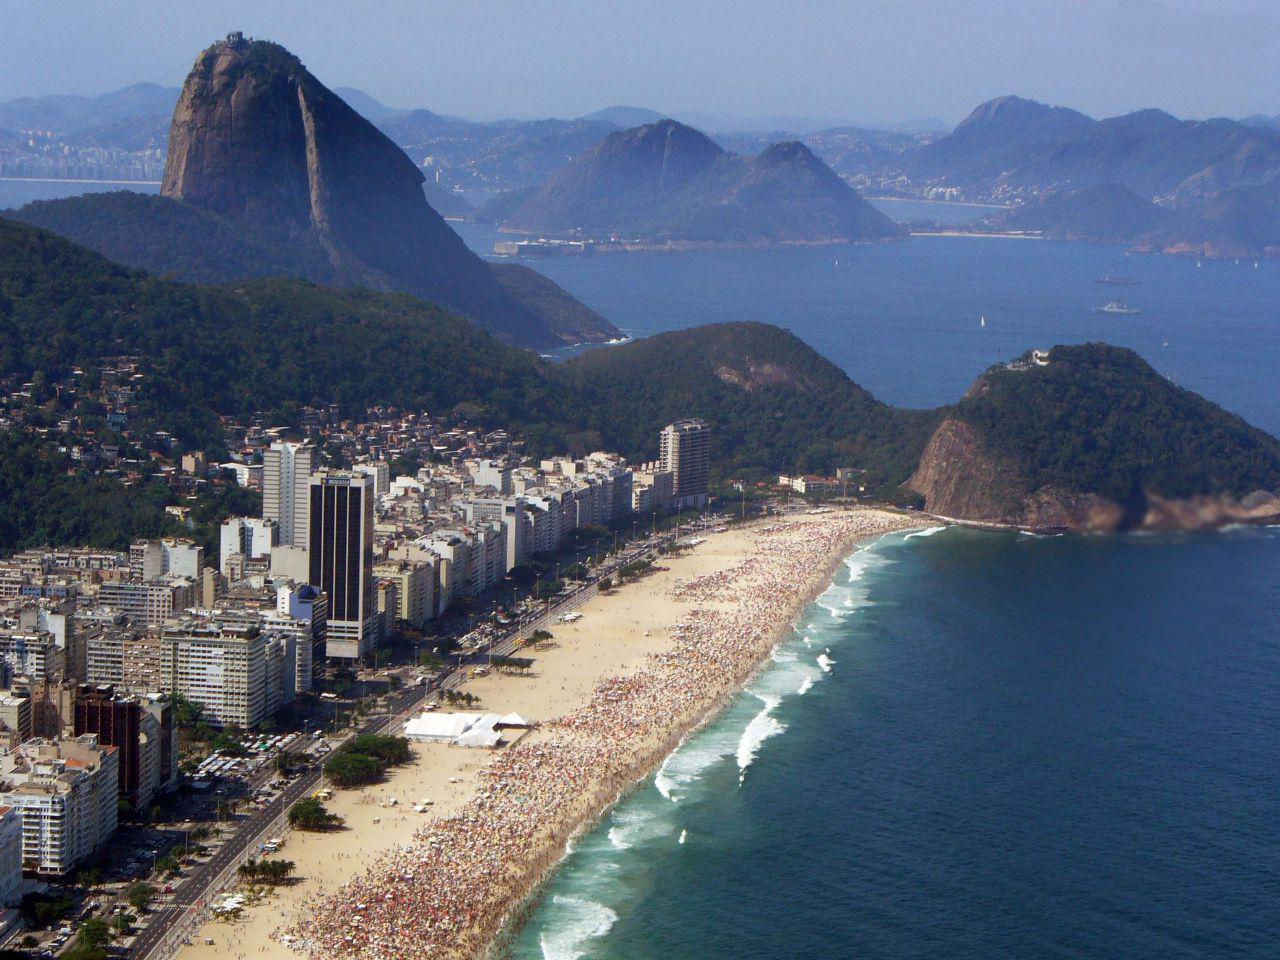 Imagens-Copacabana-Rio-de-Janeiro-Vista-Mar.jpg